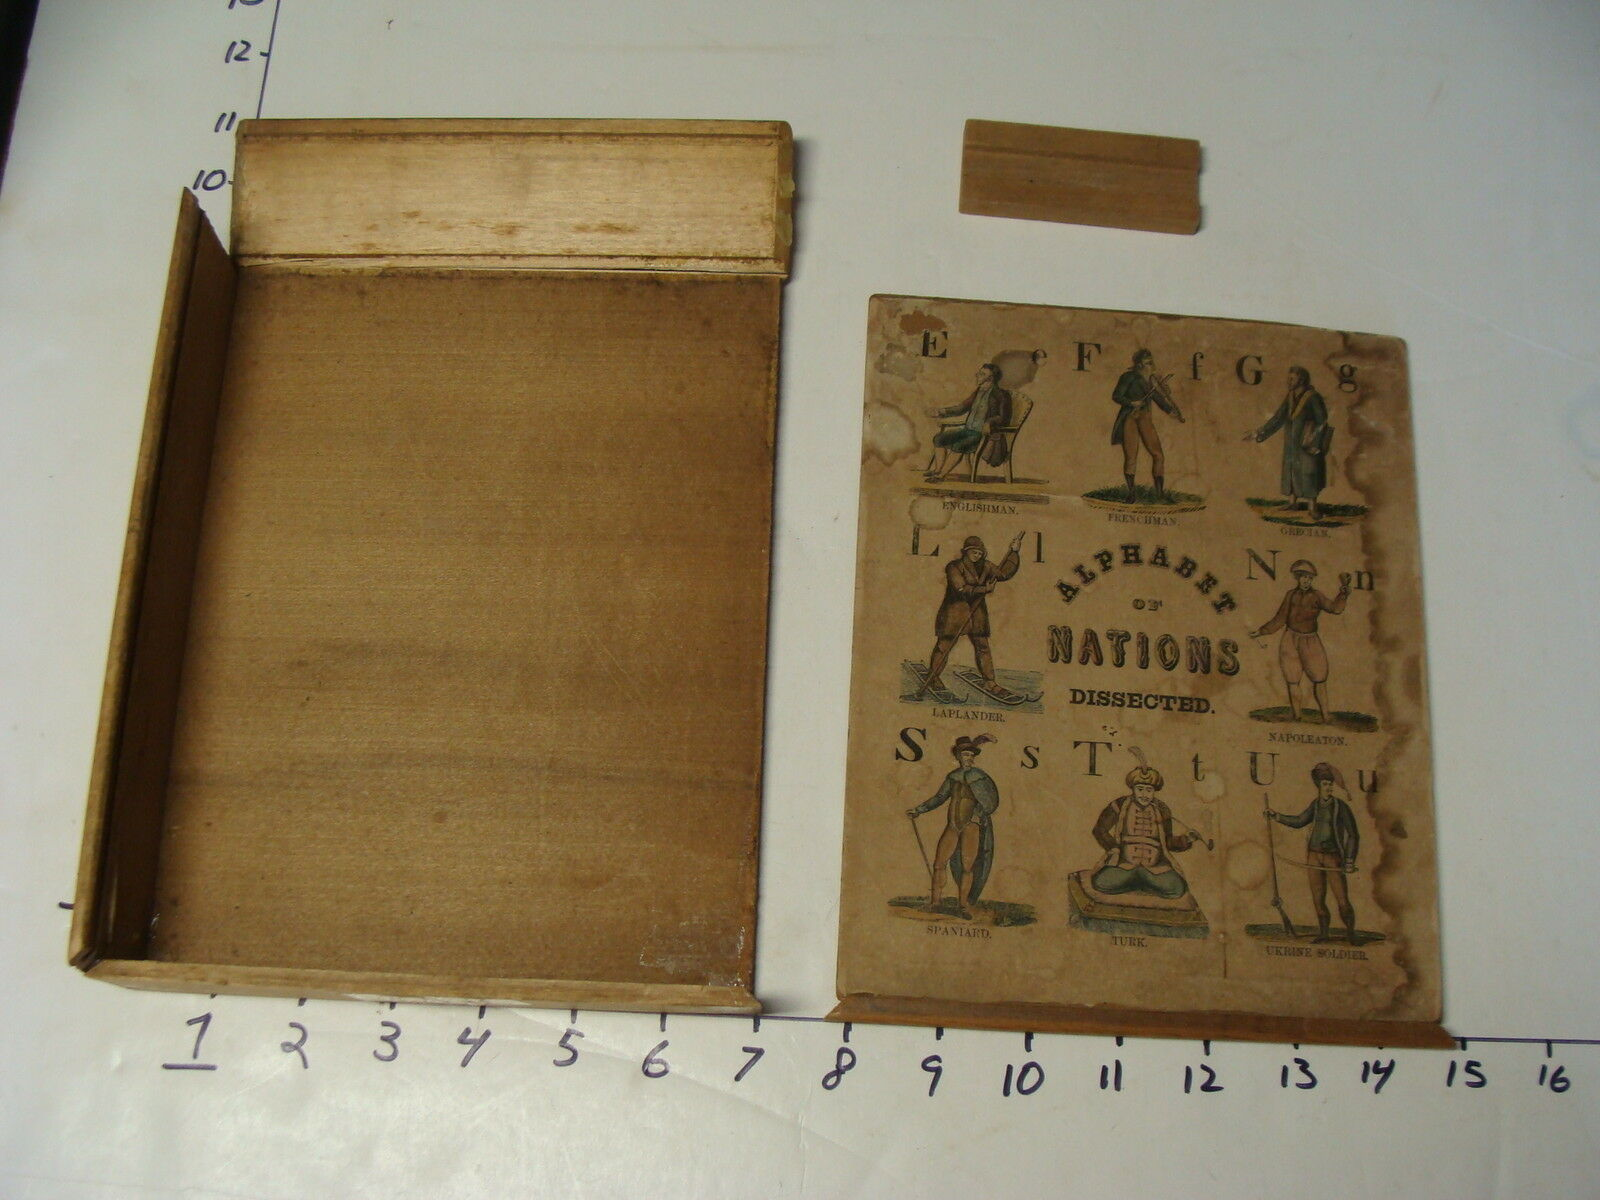 Década de 1800 Crandall's alfabeto de naciones disecado caja sólo